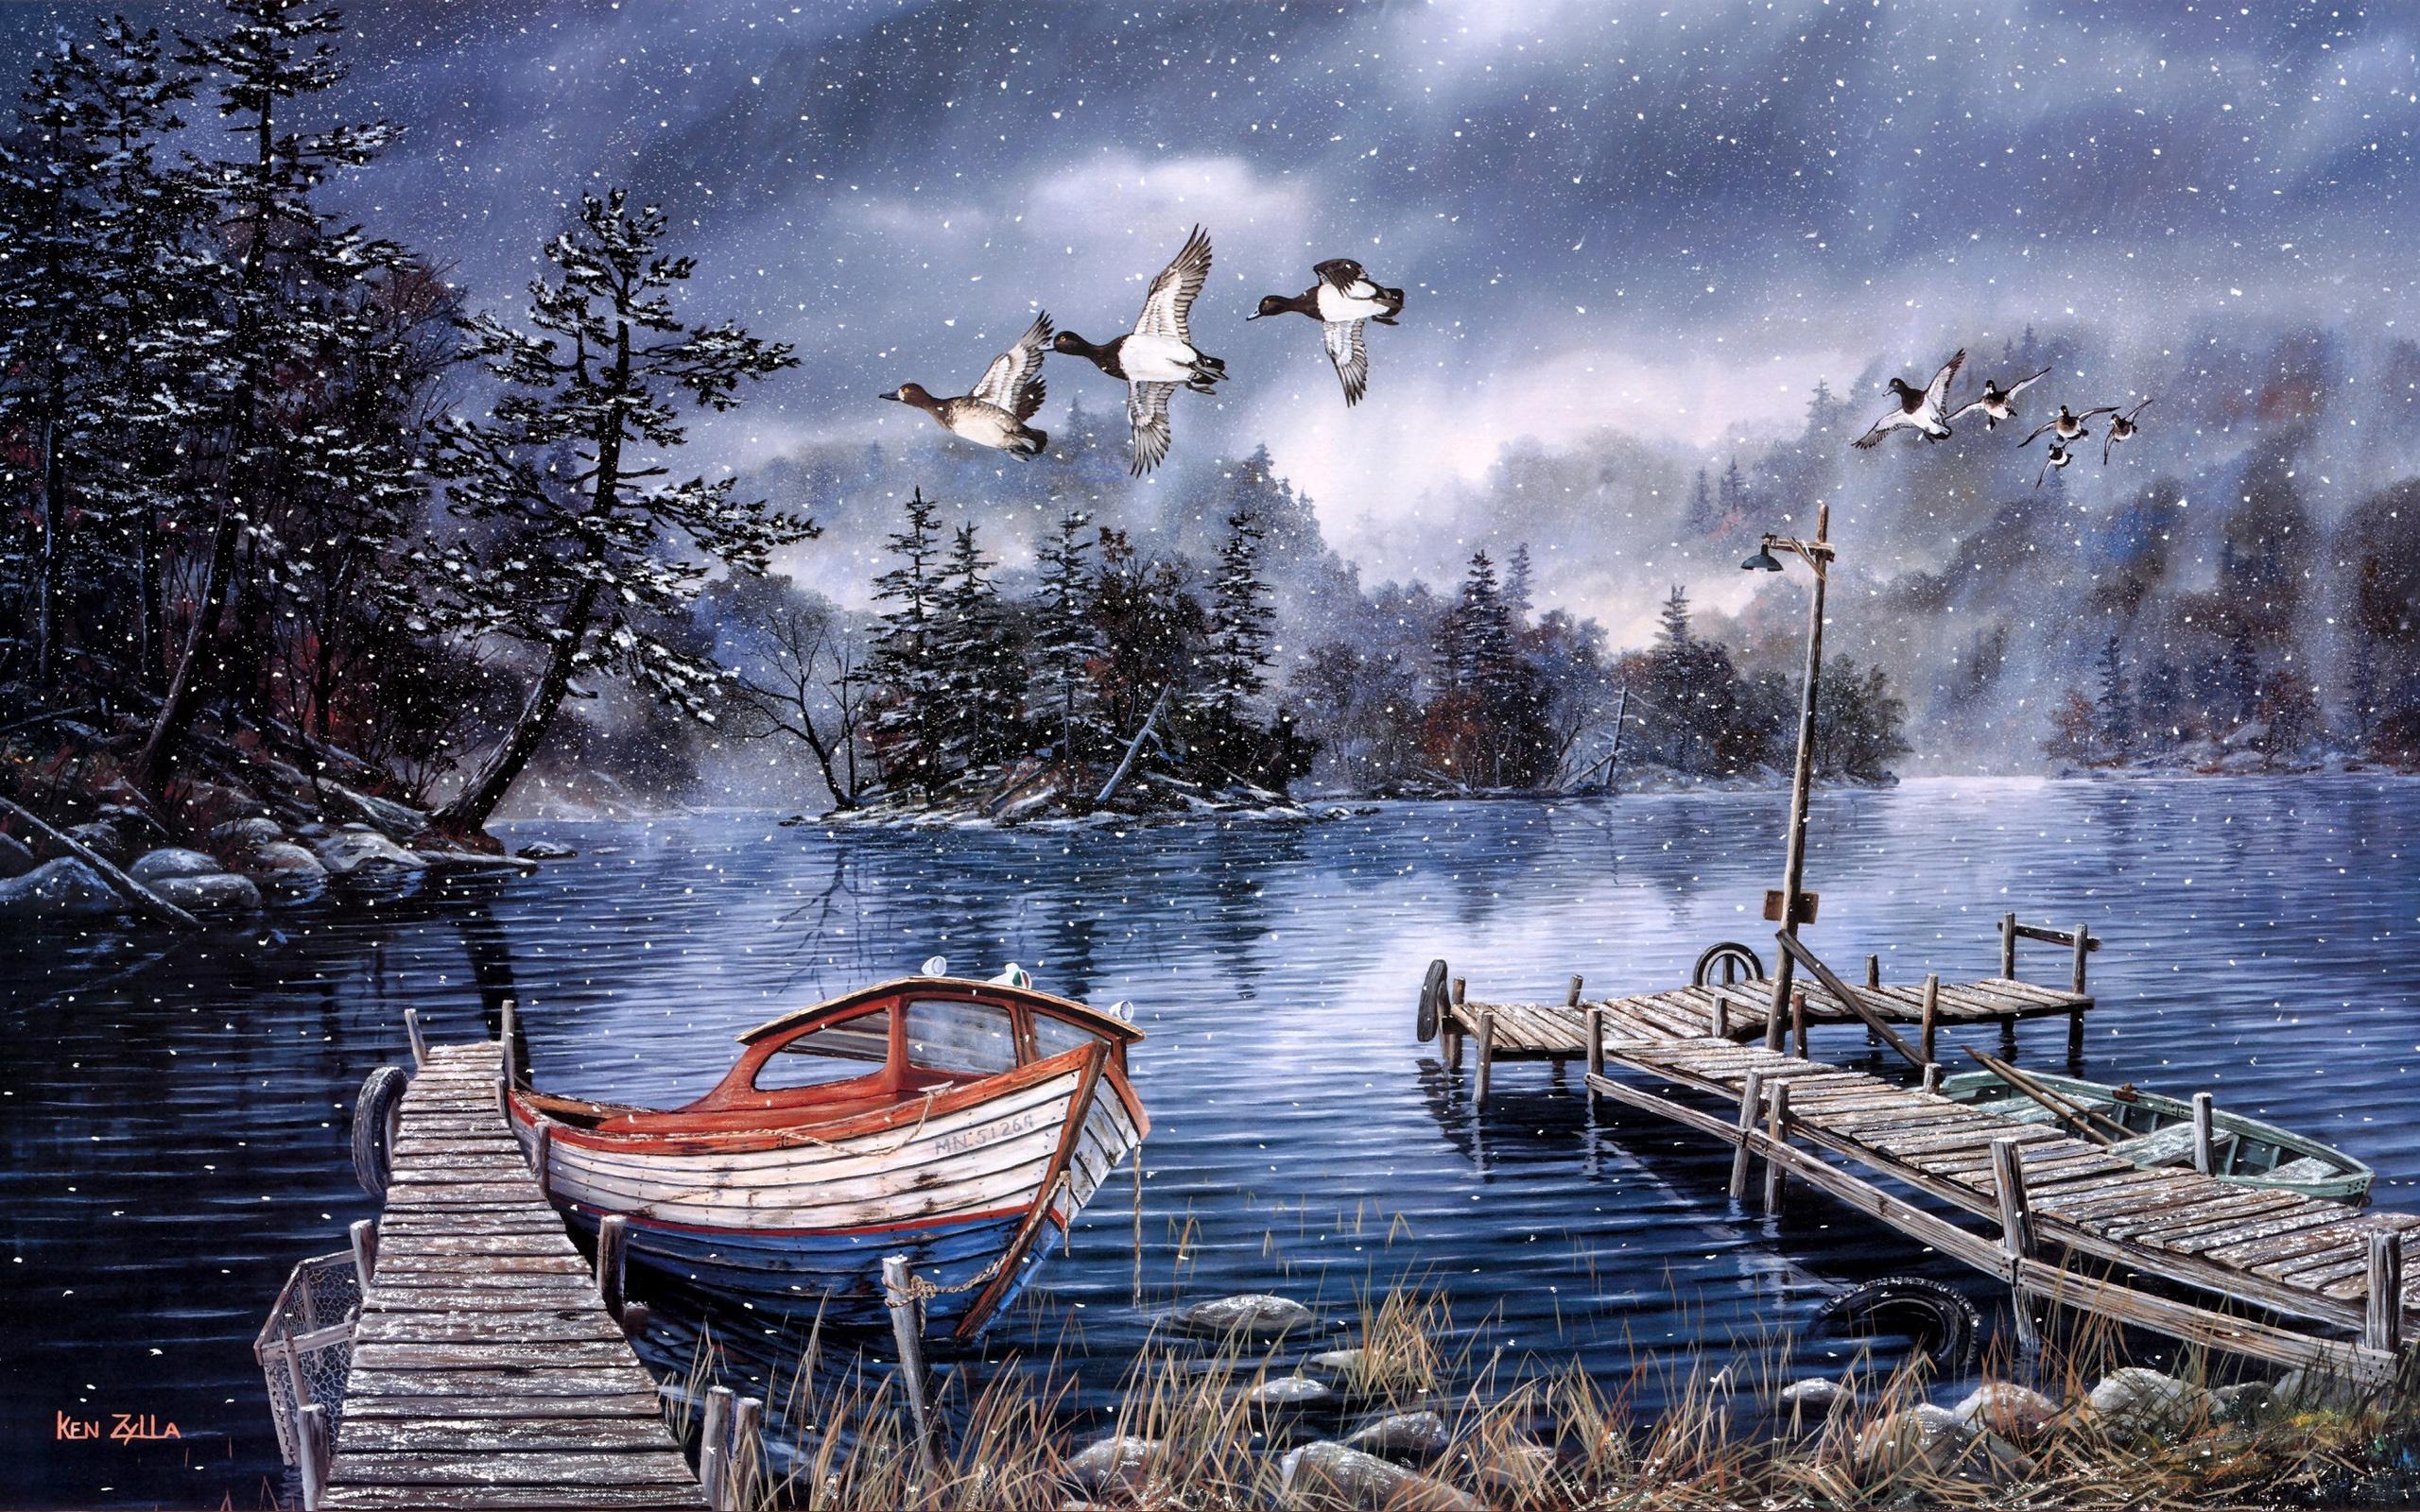 桌布 水彩画,湖泊和森林,雪的冬天,码头,鸭,船图片